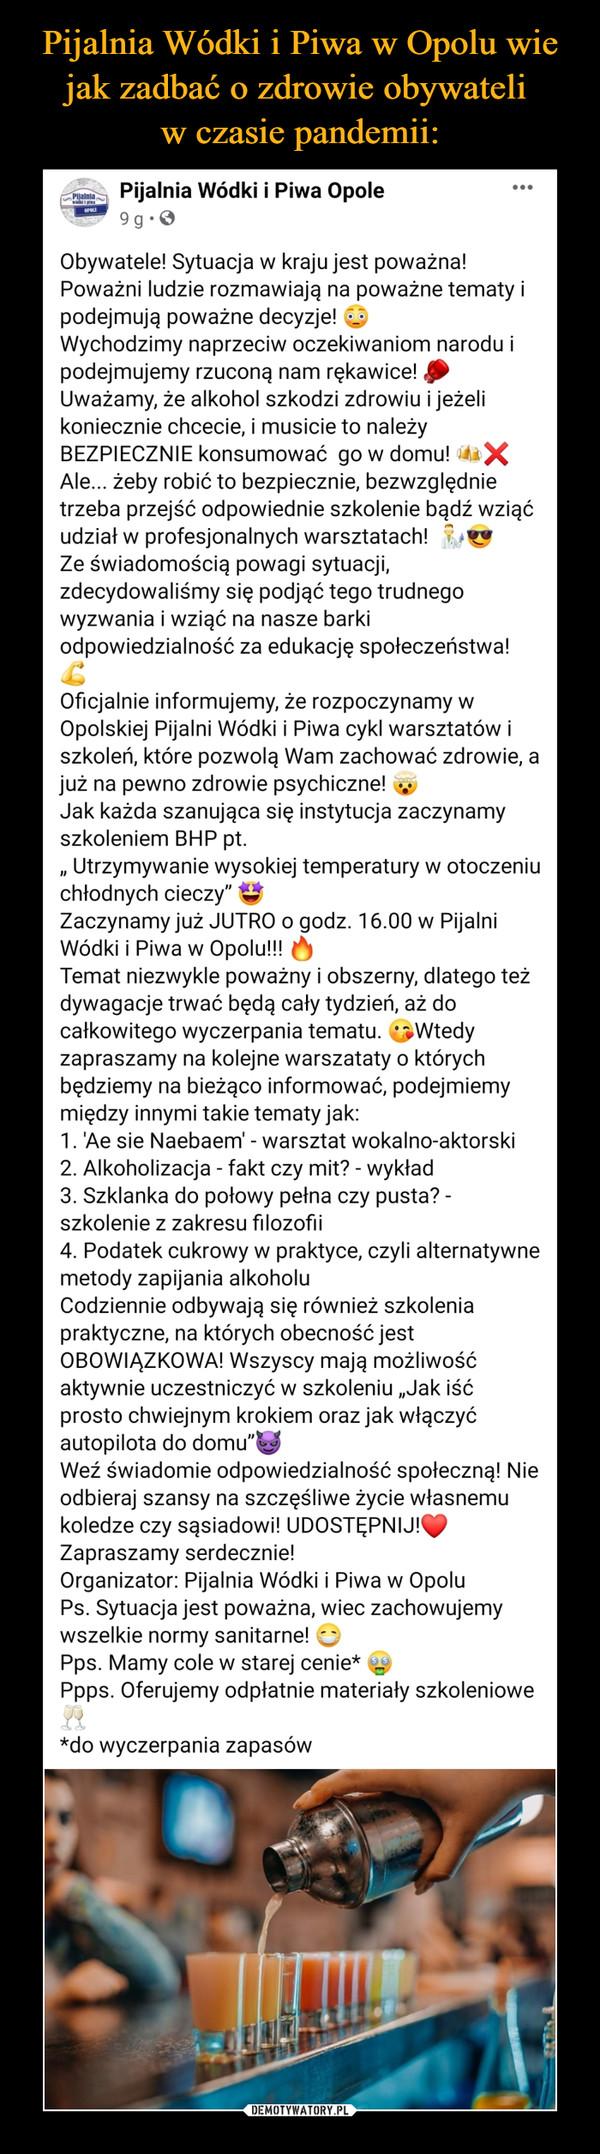 –  Pijalnia Wódki i Piwa Opole10 godz.  · Obywatele! Sytuacja w kraju jest poważna! Poważni ludzie rozmawiają na poważne tematy i podejmują poważne decyzje!